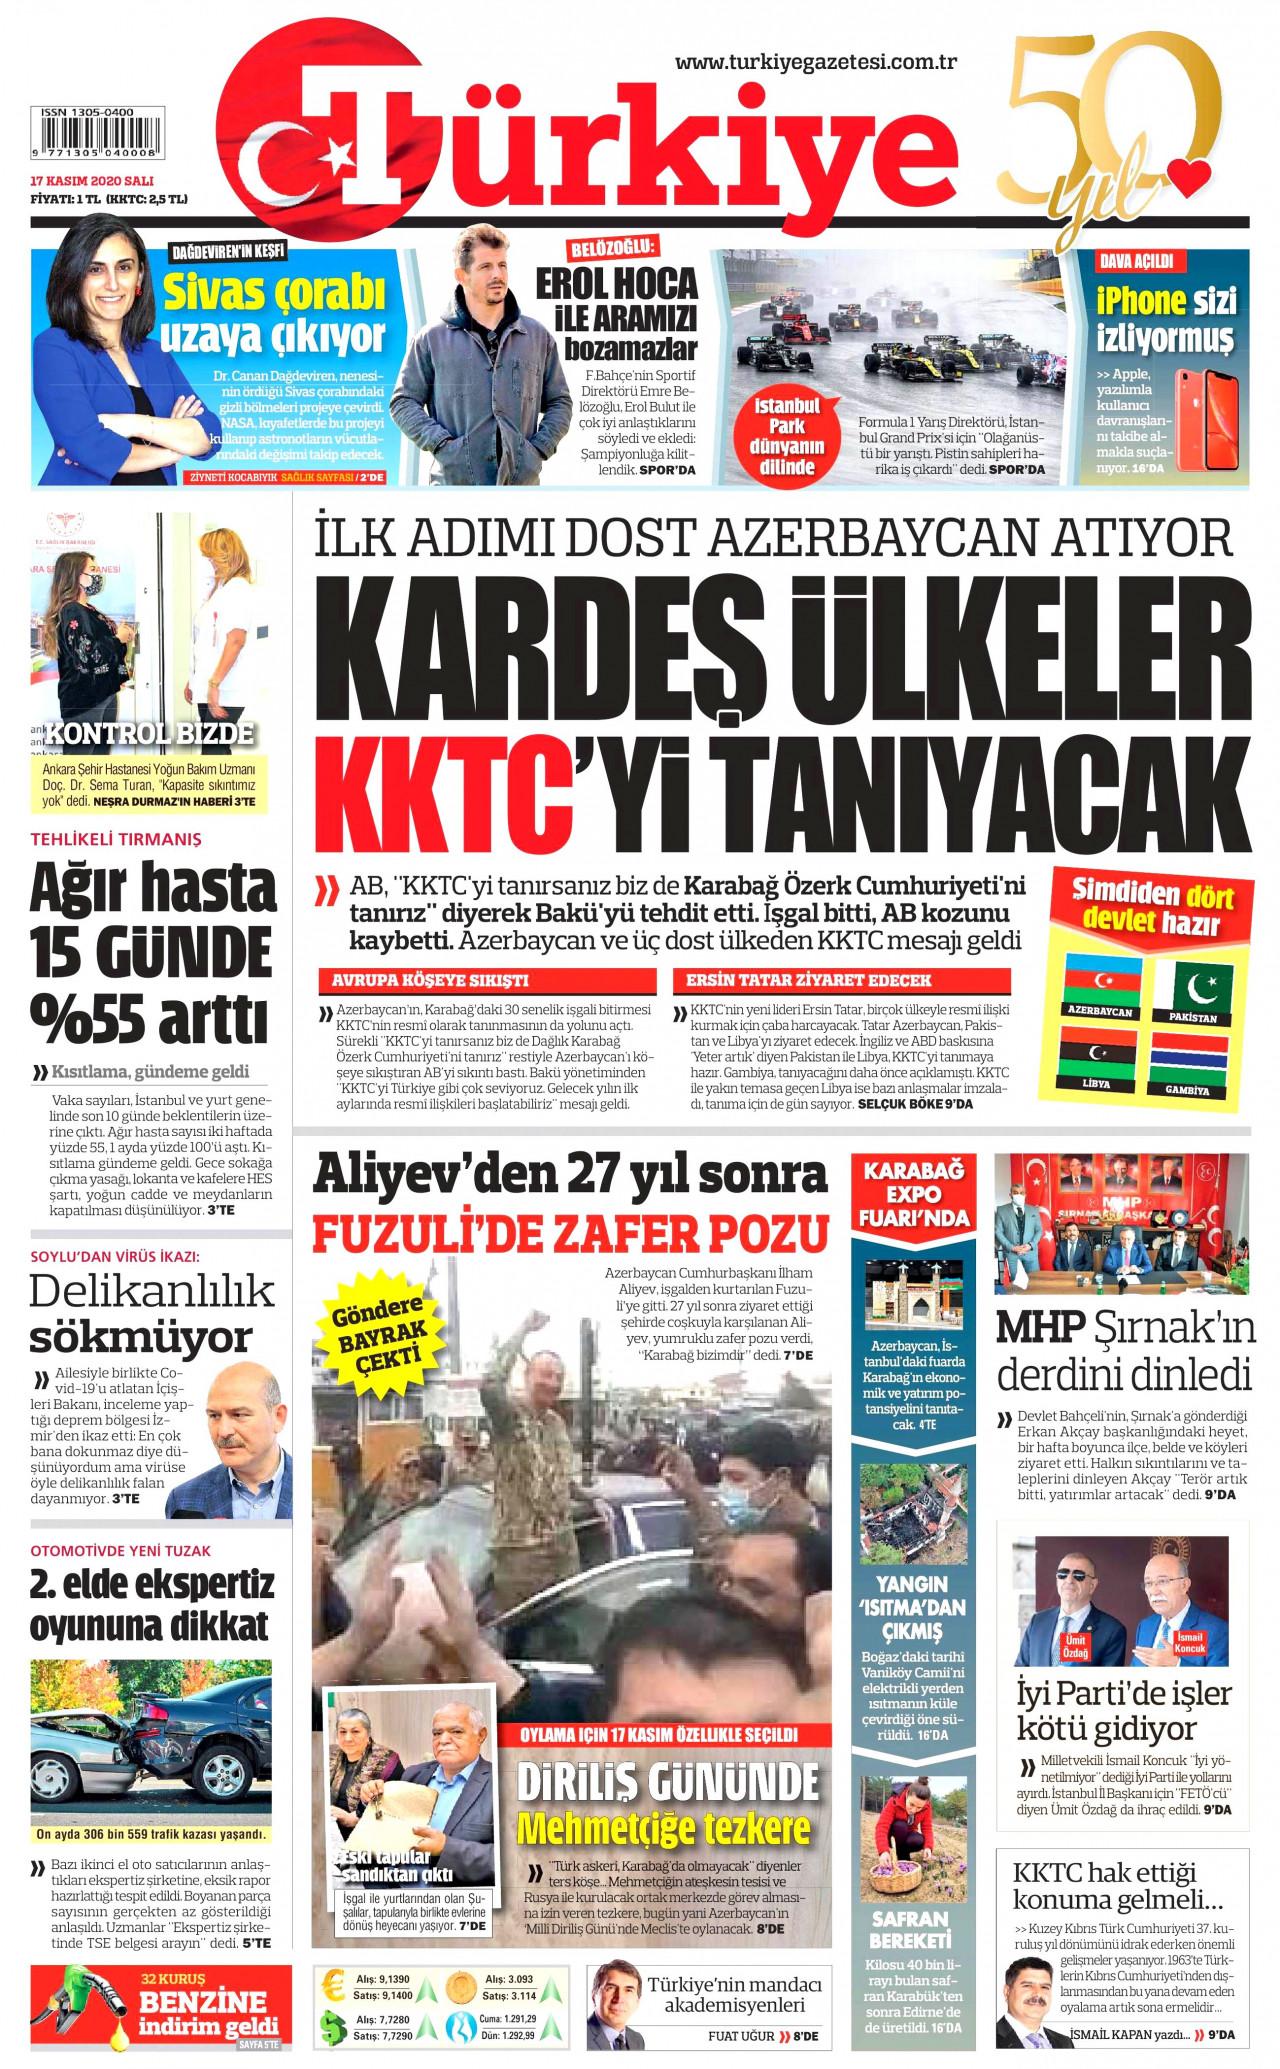 turkiye-gazetesi-2020-11-17-p2lv.jpg